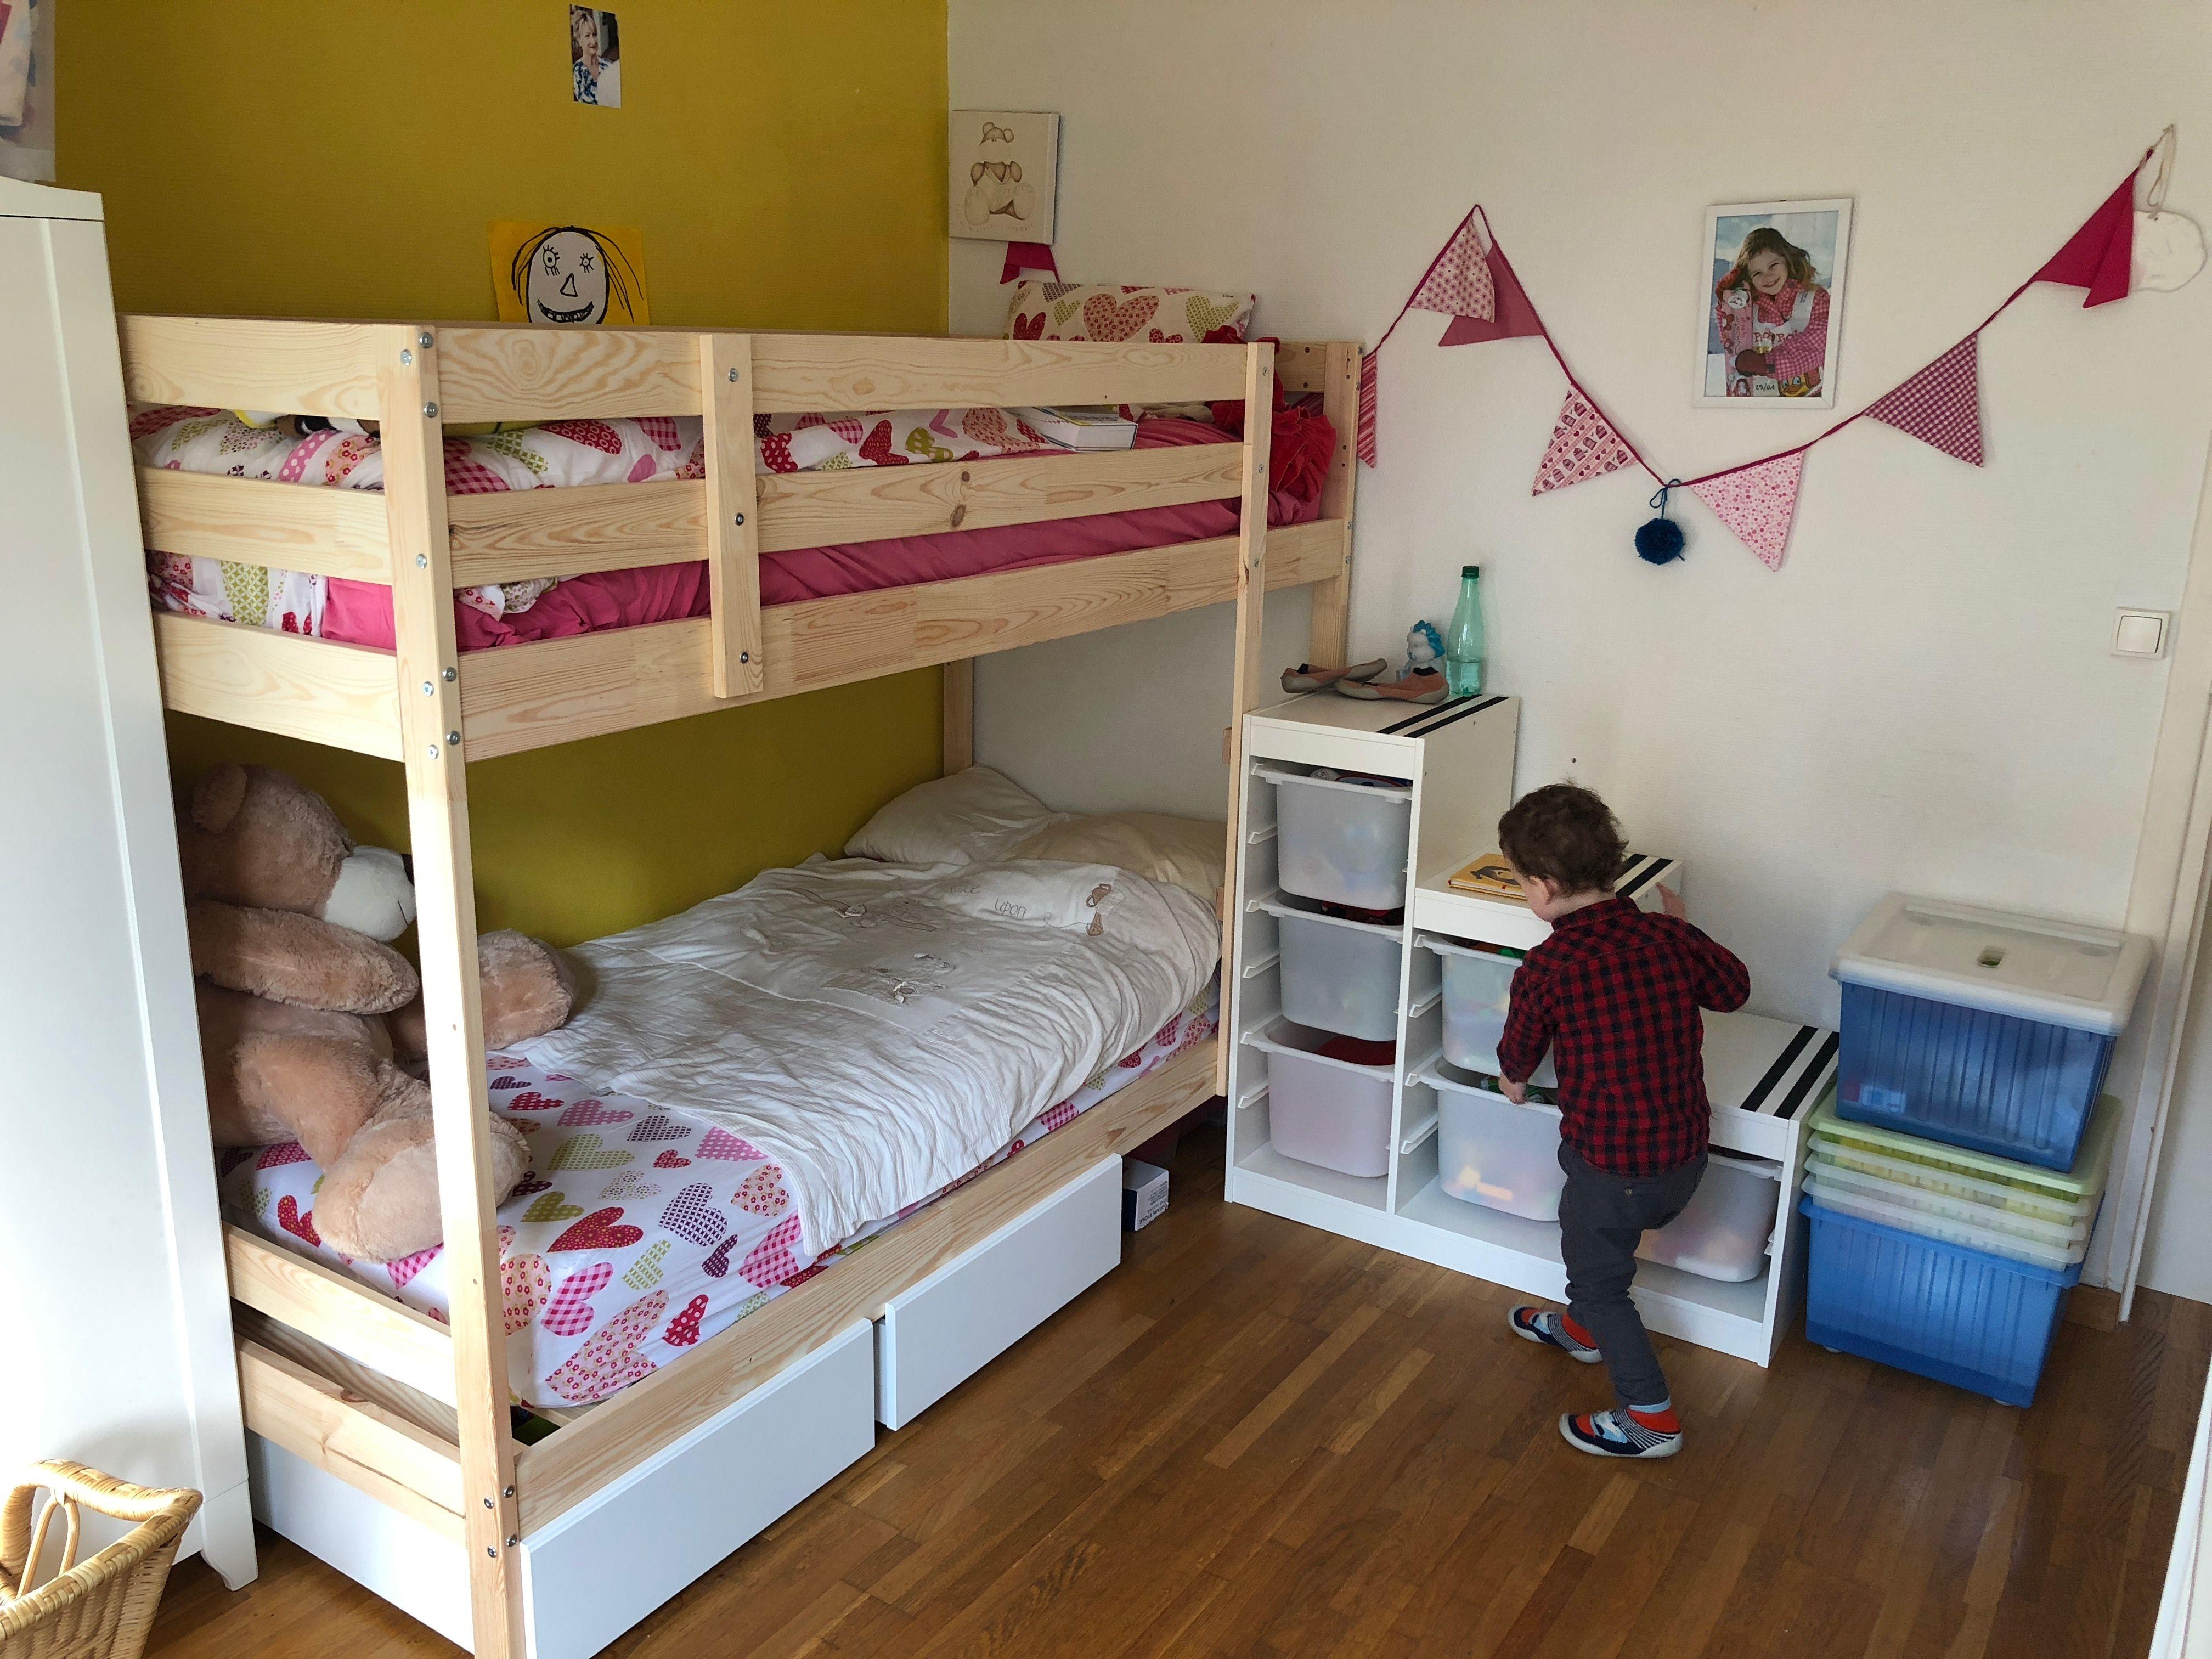 Lit Superposé Marche Escalier lit superposé avec descente ikea trofast #diy pour chambre